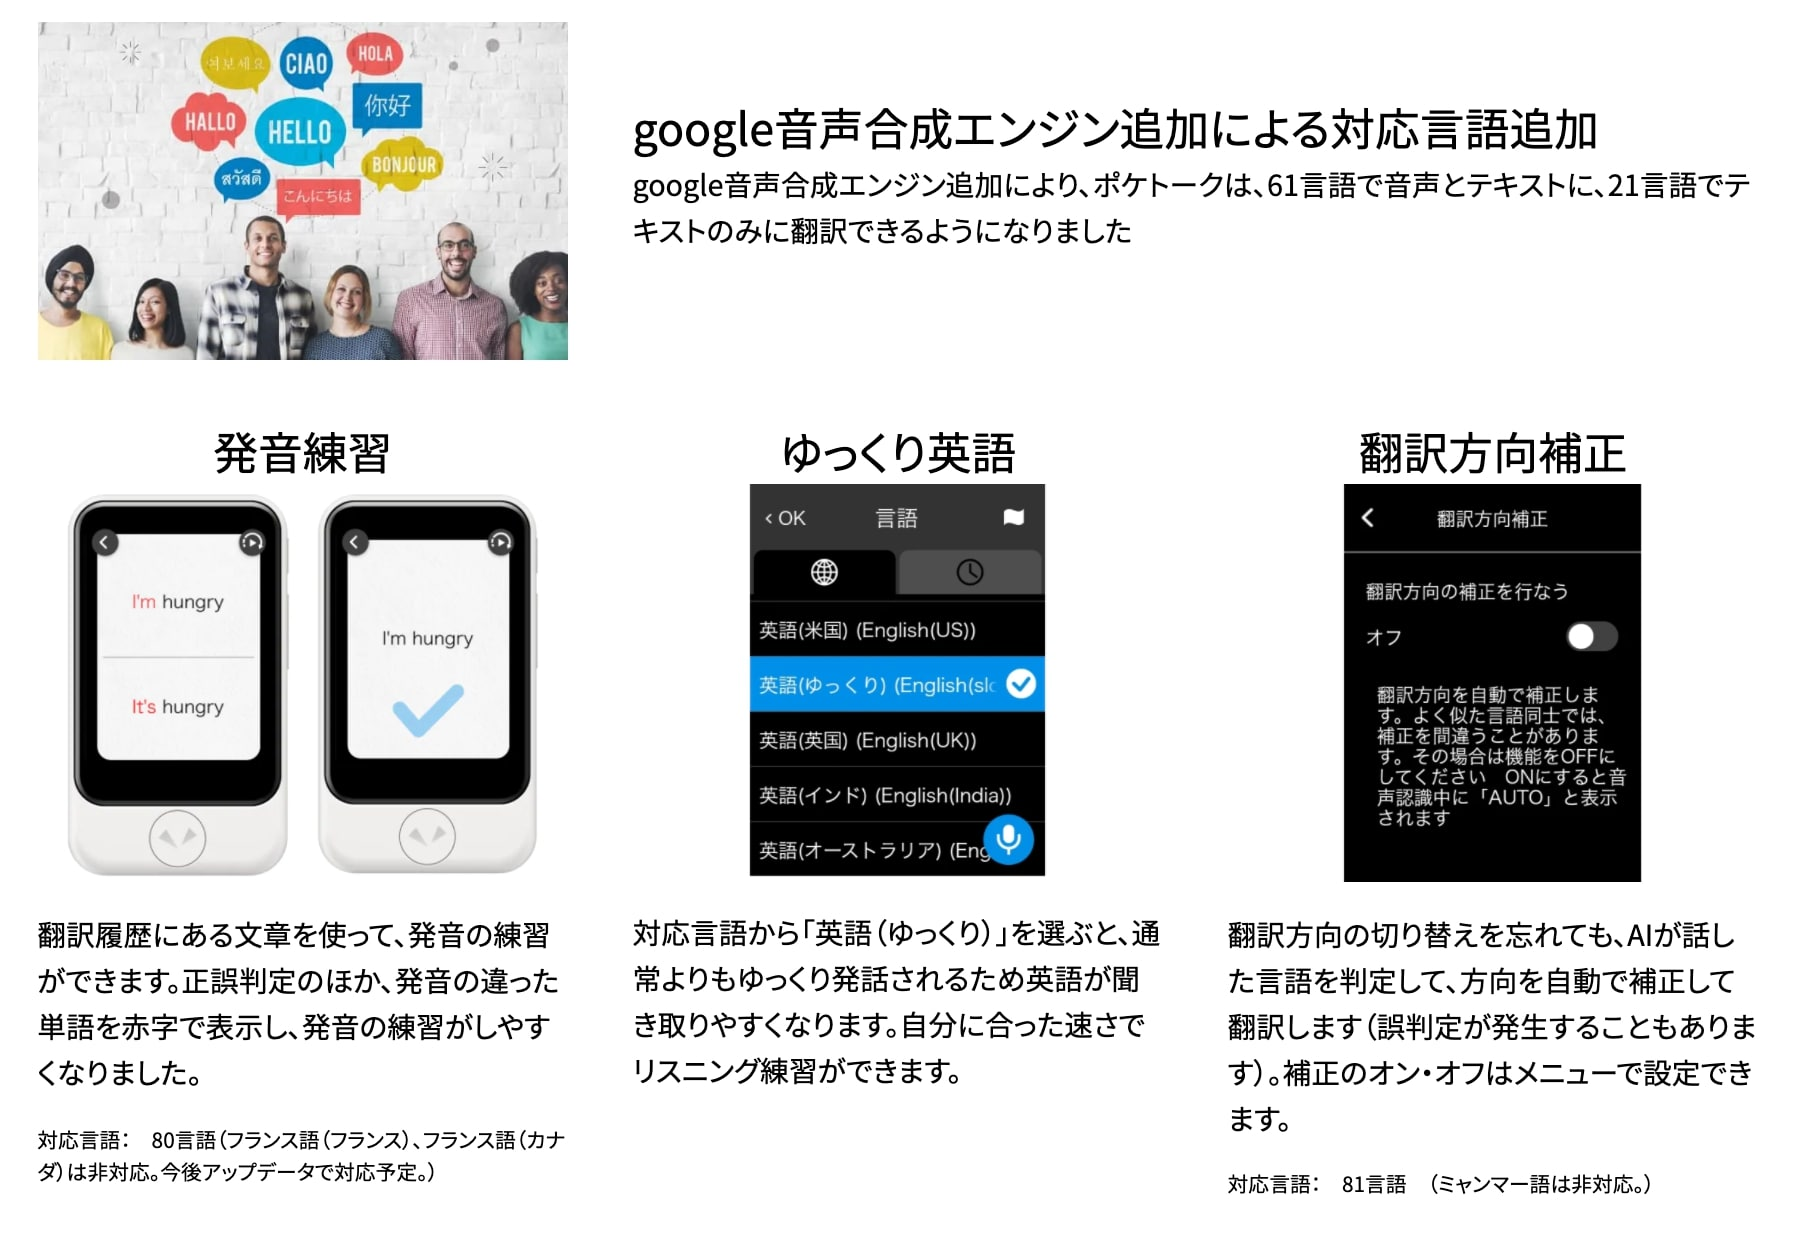 ポケトーク|機能追加|Google音声エンジン